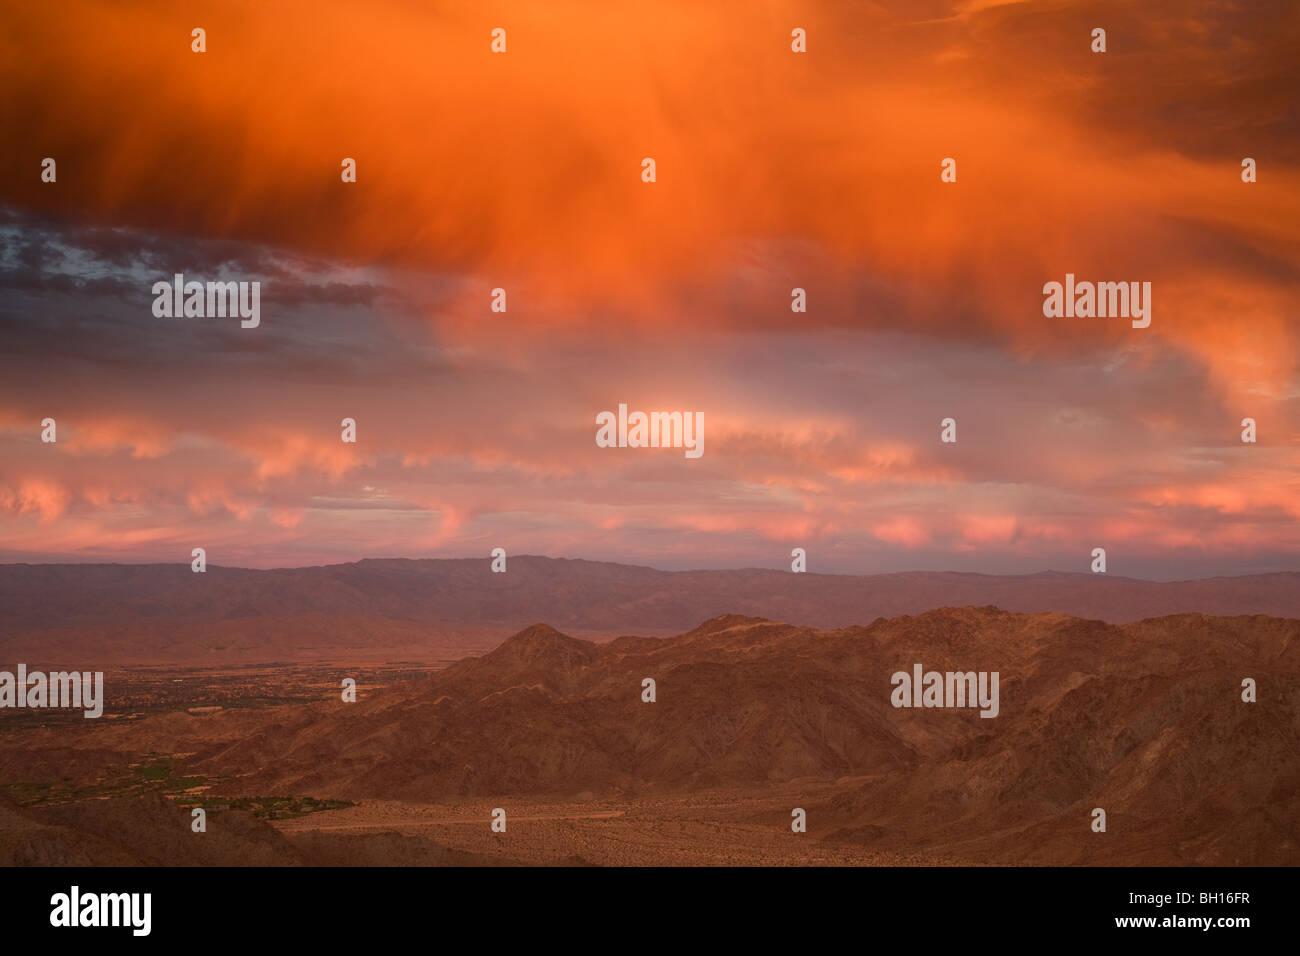 Coucher de soleil sur Palm Desert et Rancho Mirage dans la vallée de Coachella, en Californie. Photo Stock